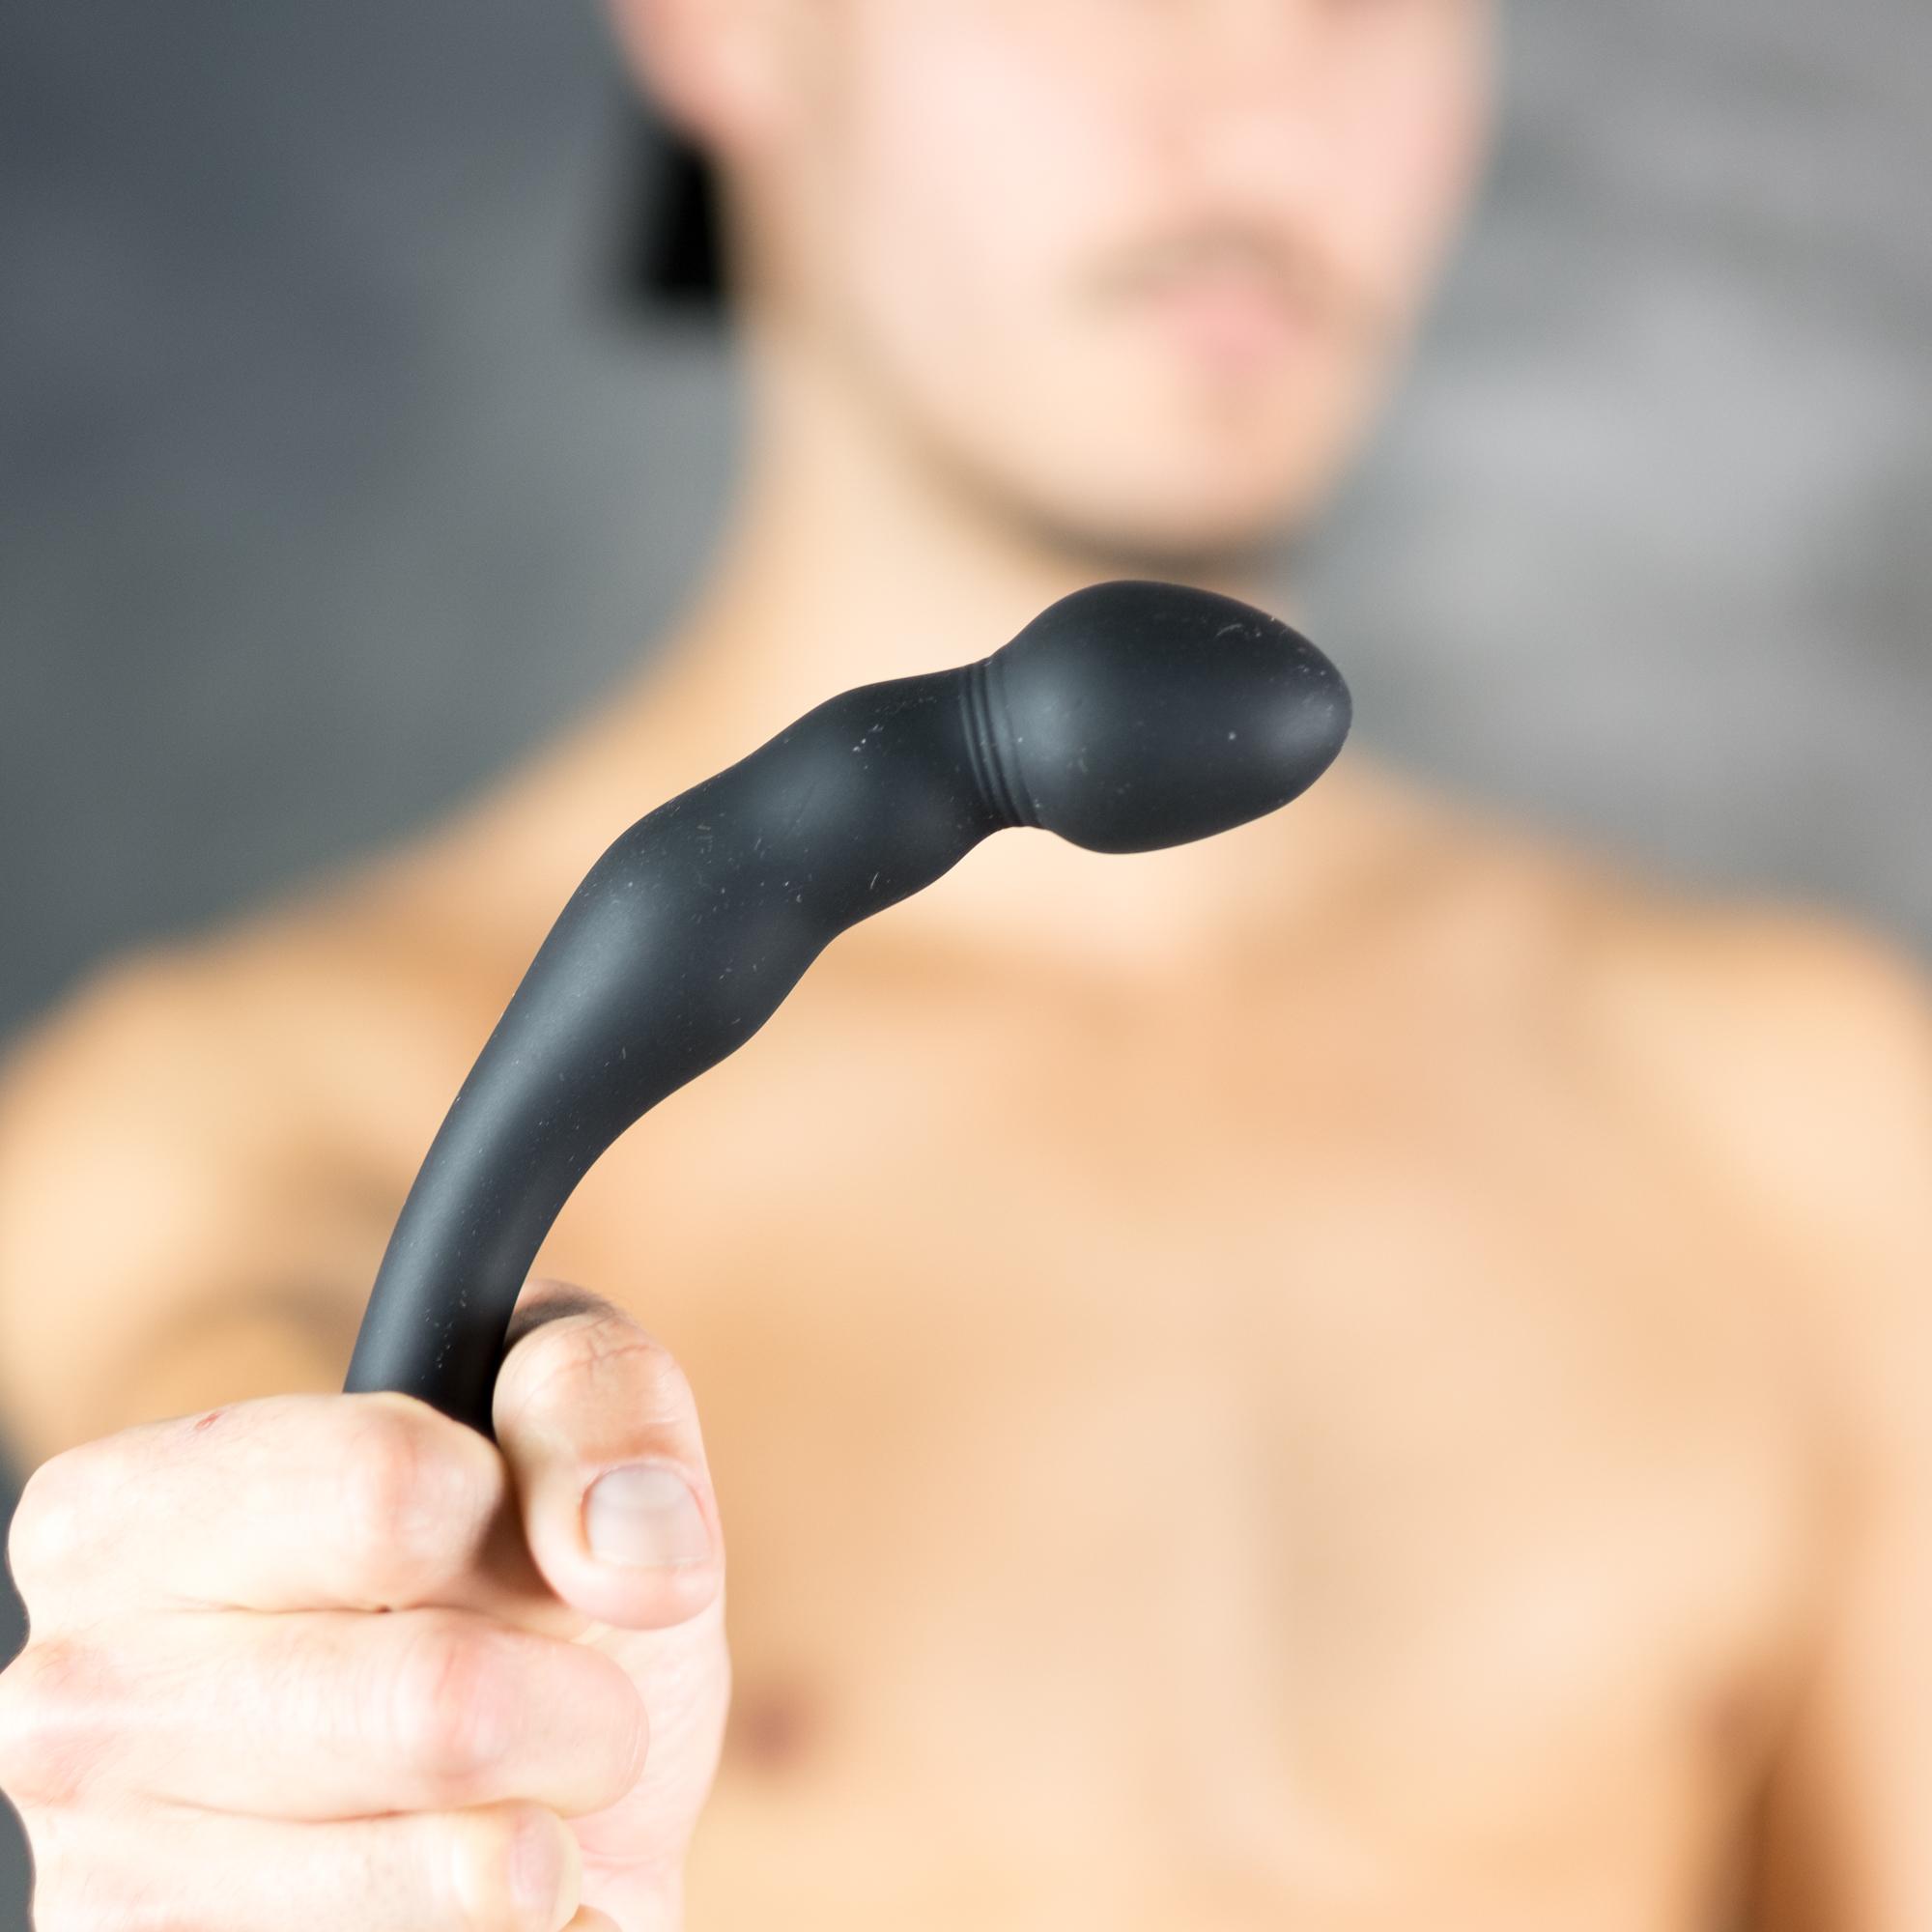 palline anali prostata orgasmo prostatico